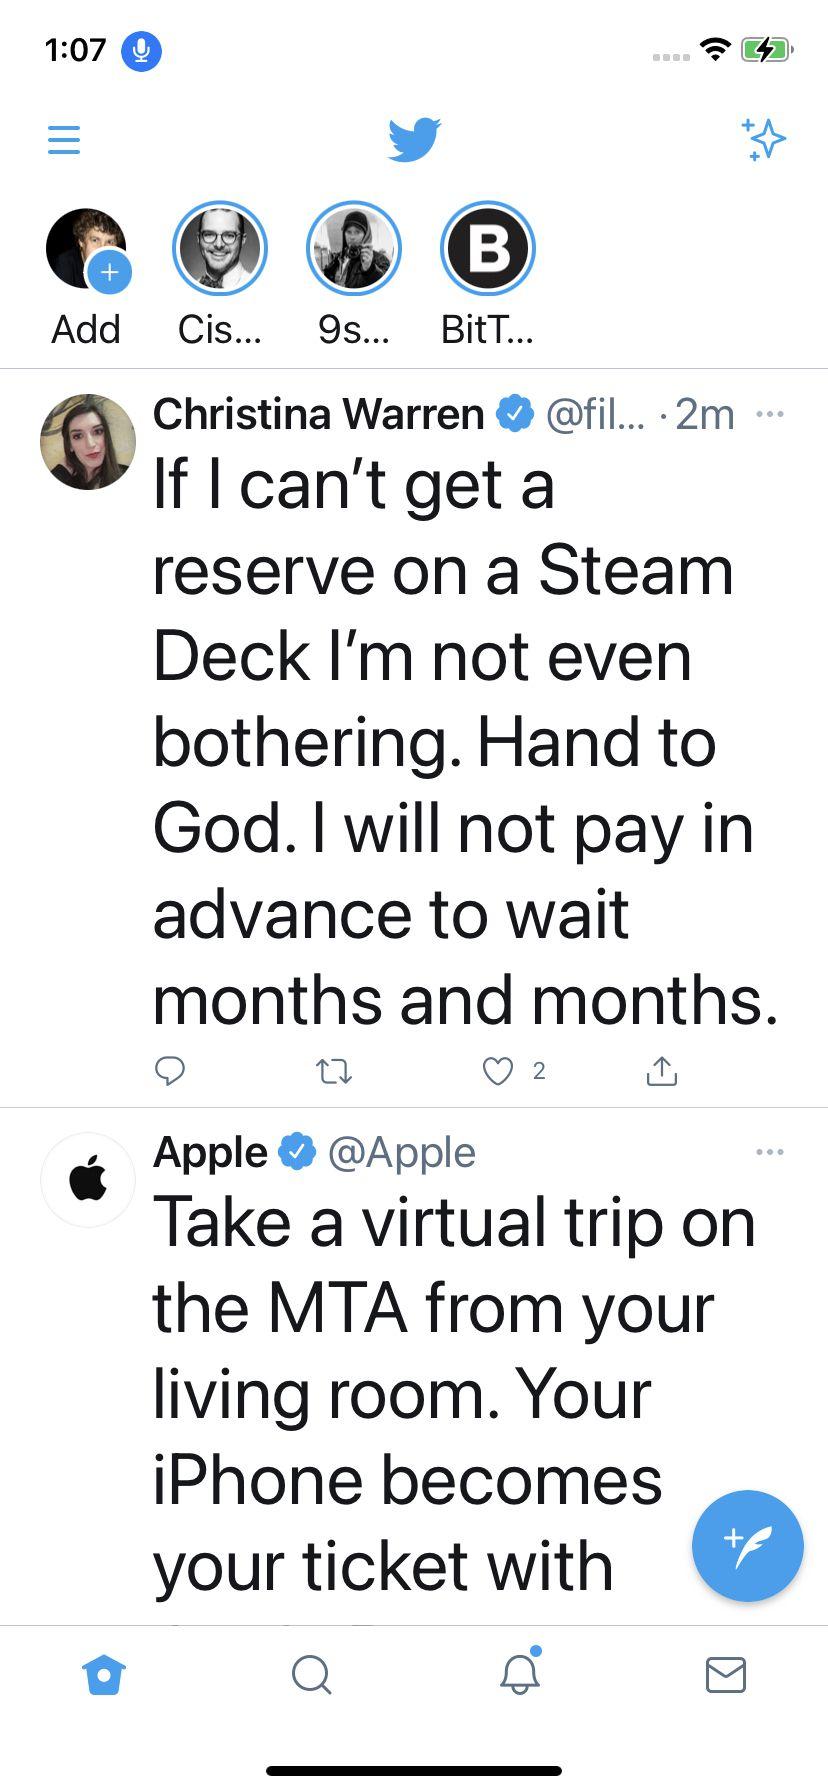 Ahora ha cambiado el tamaño del texto solo para esta aplicación.